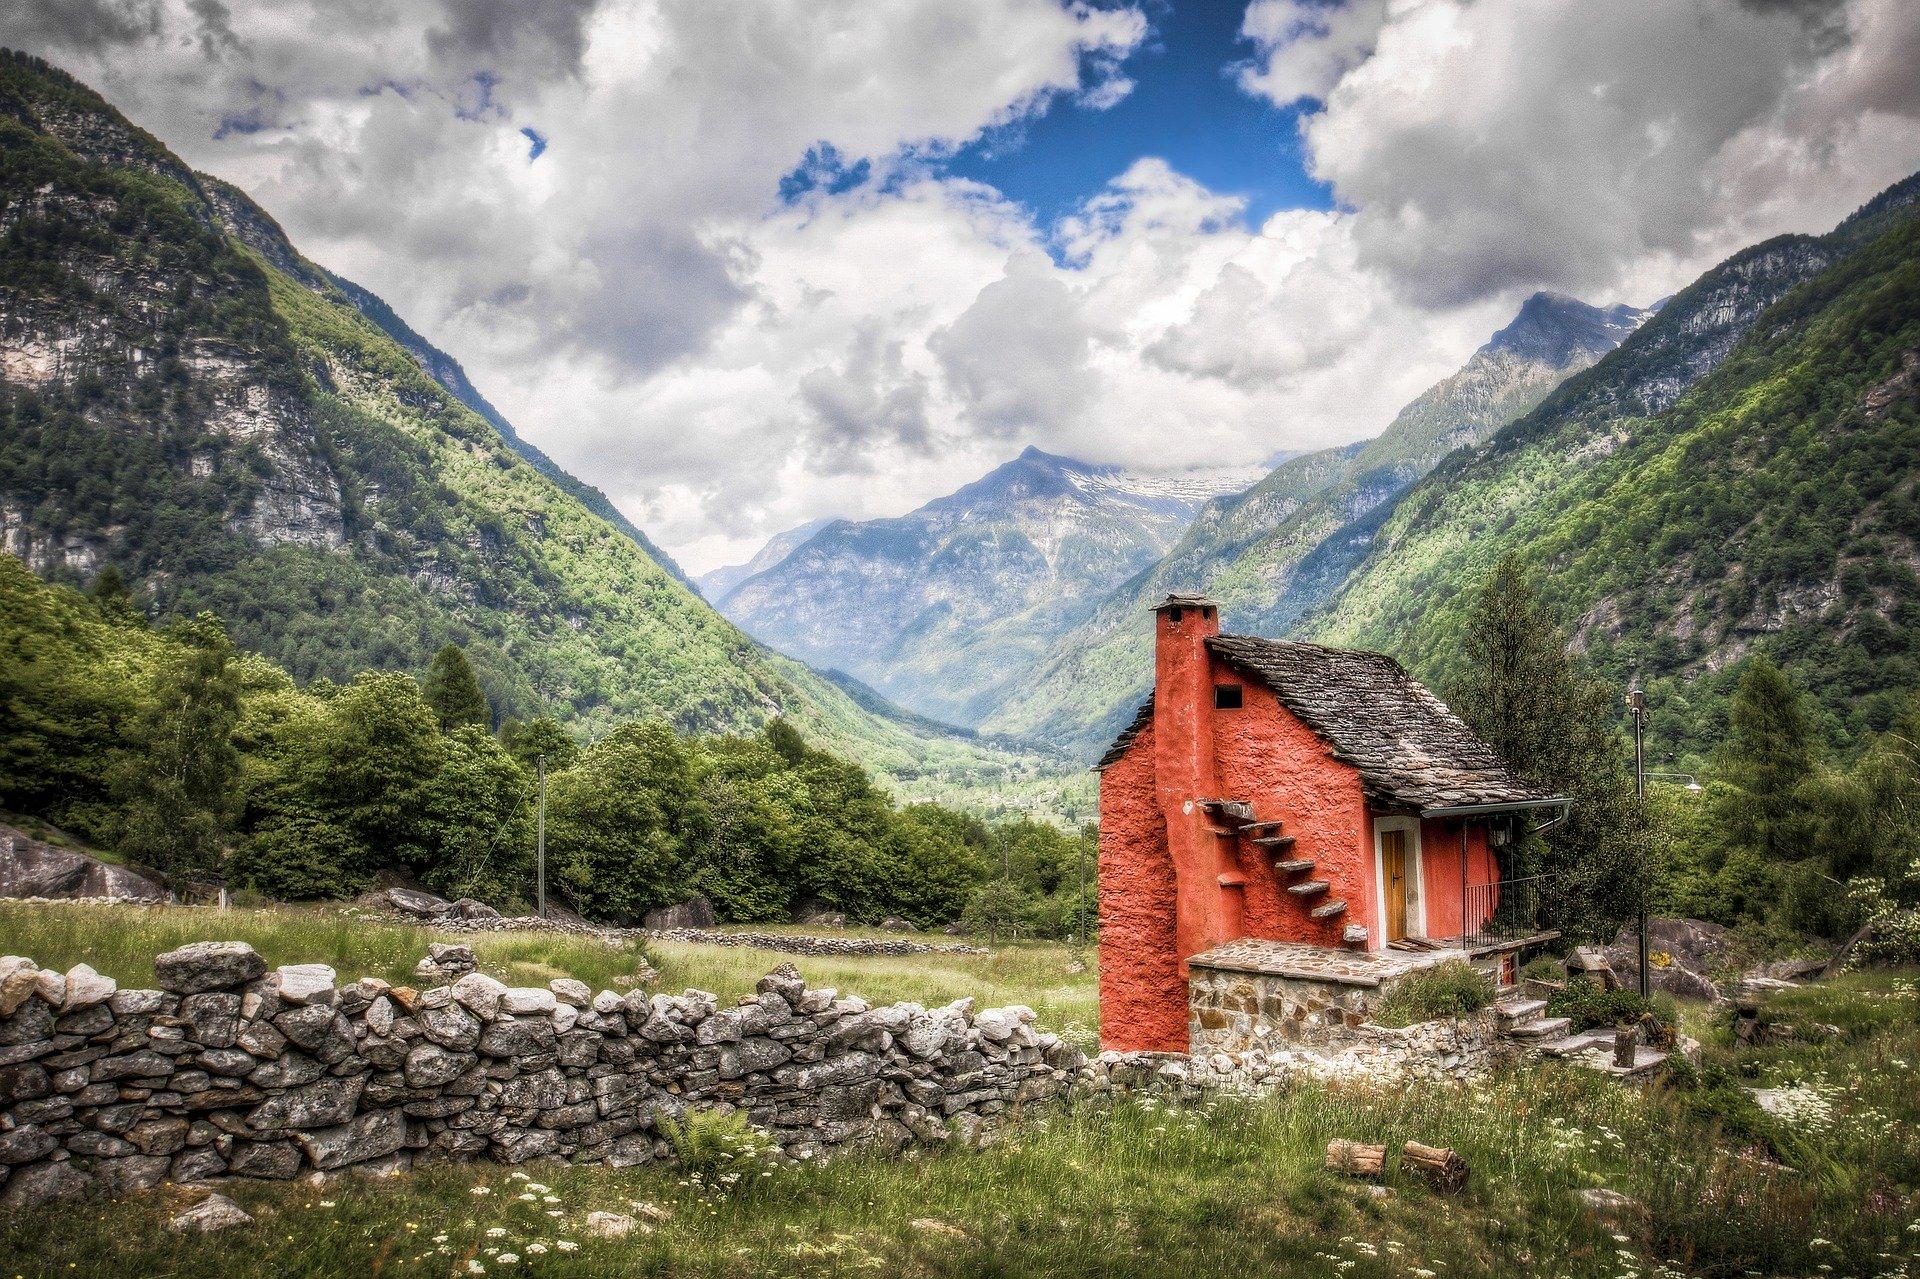 Nhà chưa có sổ đỏ có thể chấp được không?